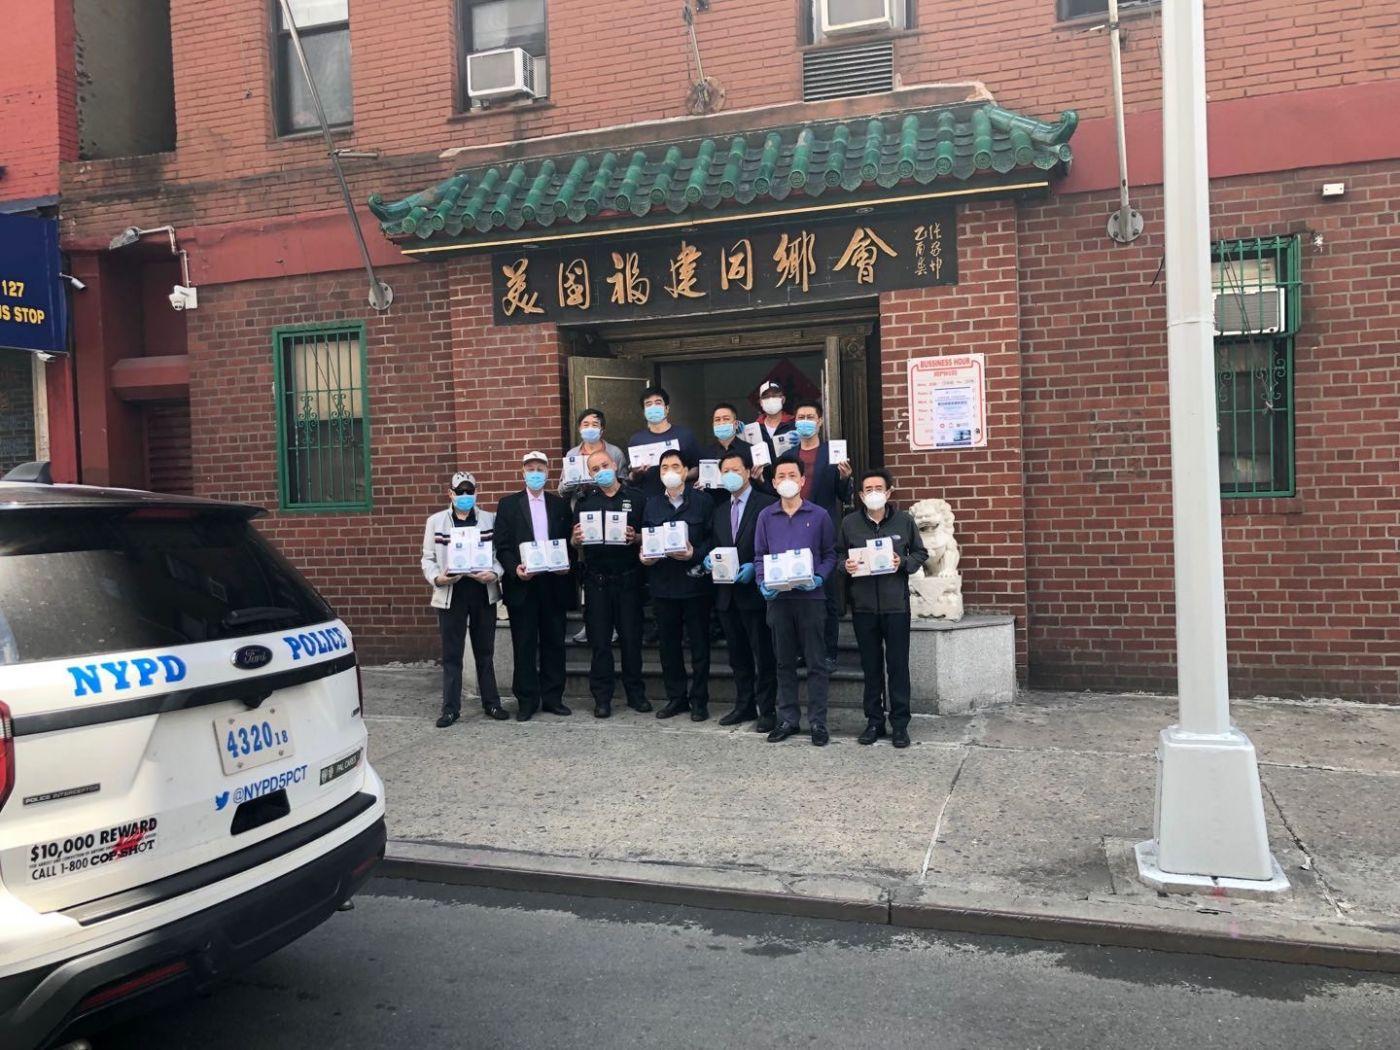 美国福建同乡会企业家捐赠防疫物资给纽约警察与亚美医师协会 ... ... ..._图1-3